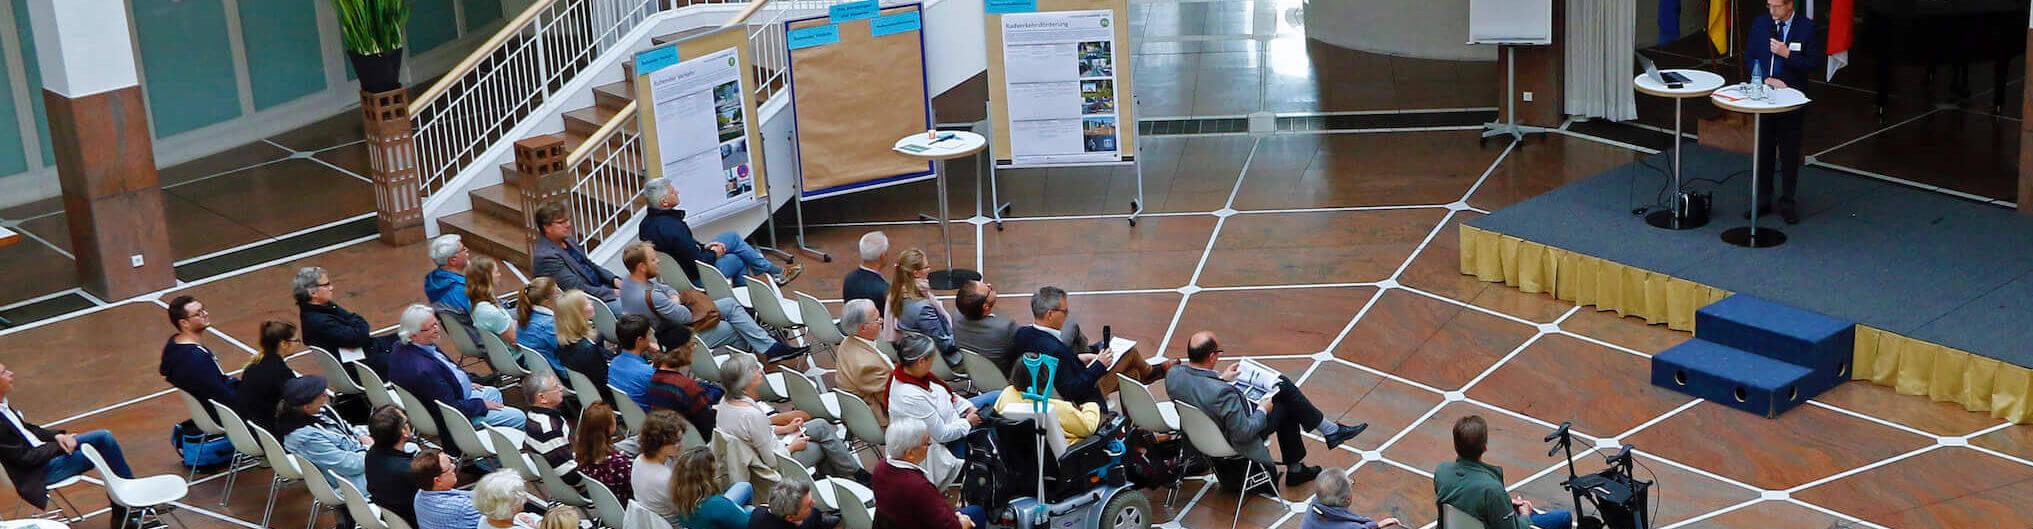 Besucher in der Bürgerhalle Dortmund